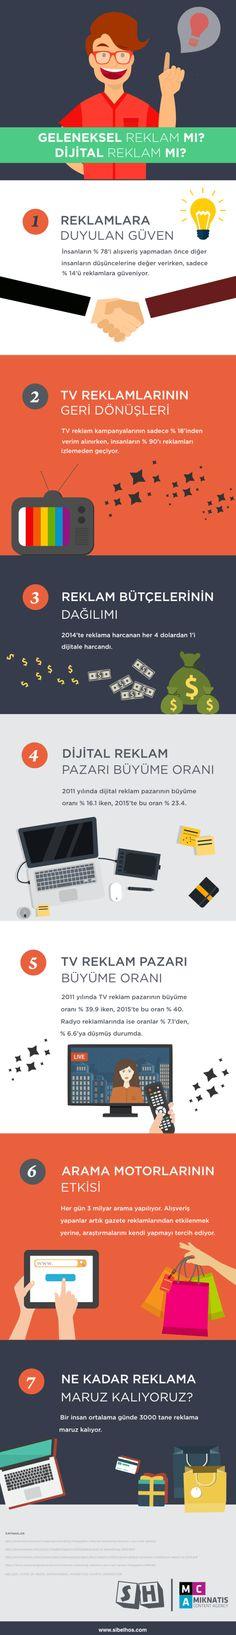 Geleneksel Reklam Mı? Dijital Reklam Mı? [İnfografik] #infographic #infografik #reklam #digital #dijital